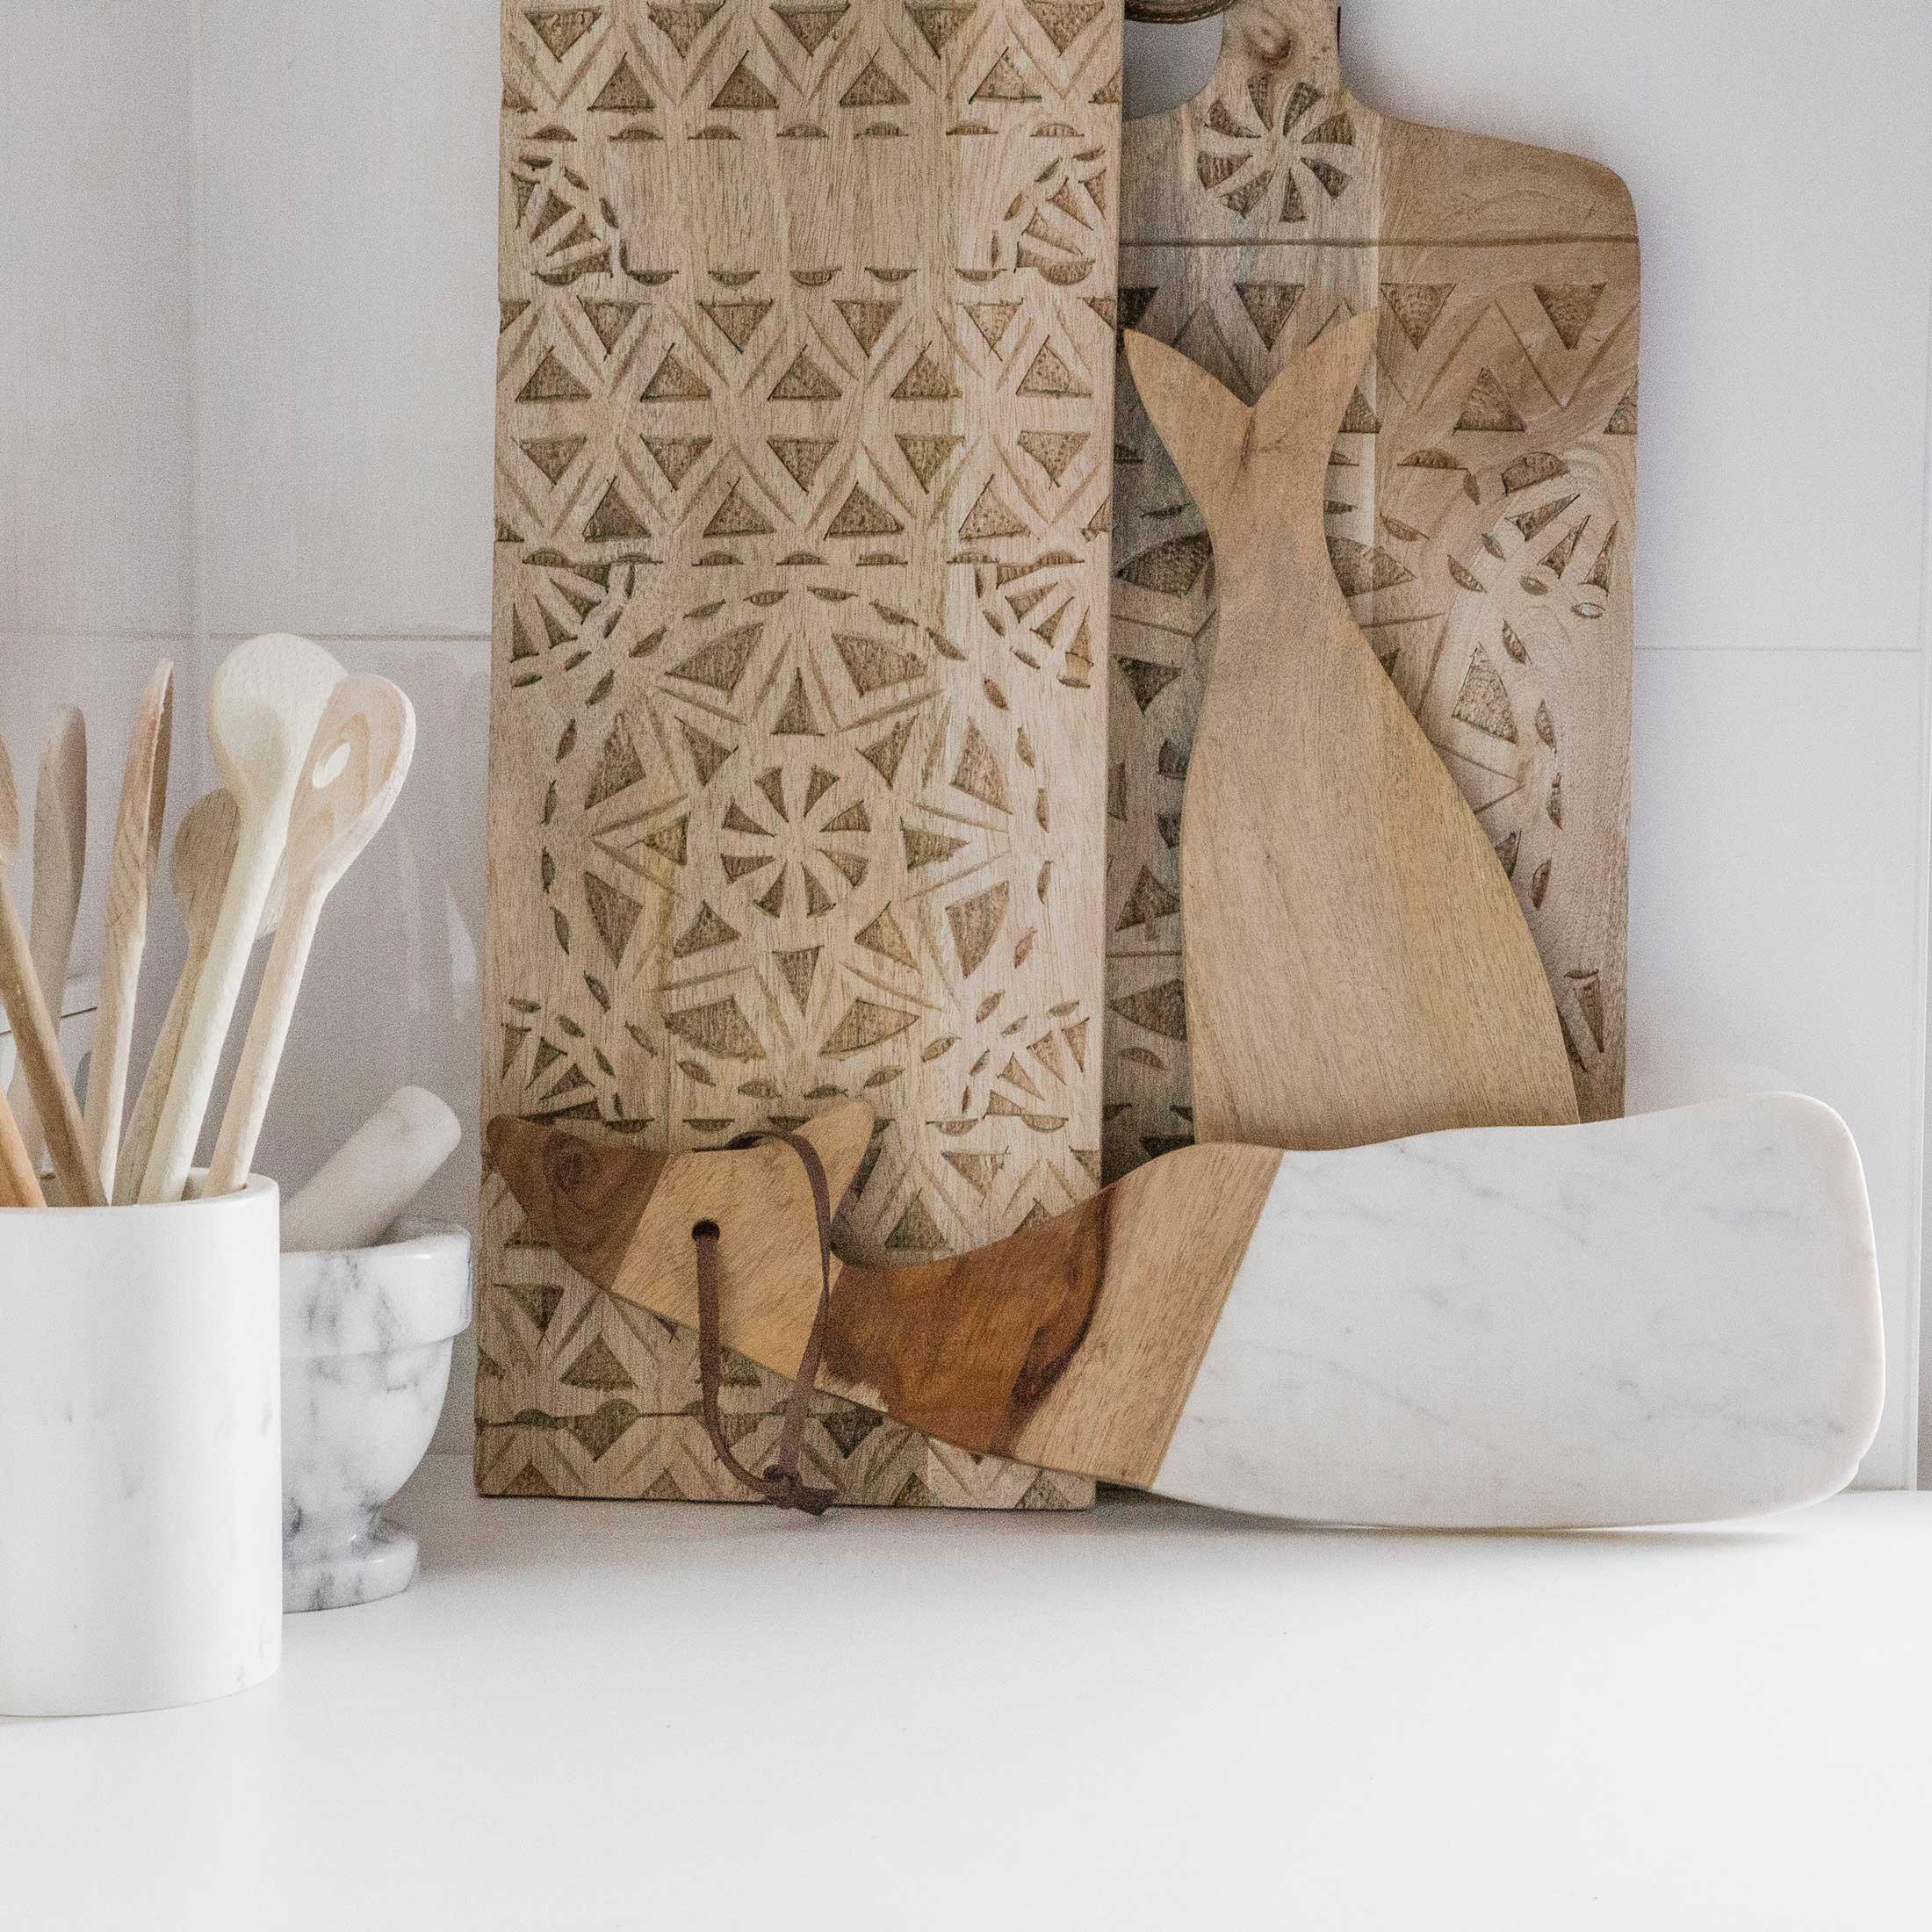 Dekotablett aus Holz, Tablett dekorieren leicht gemacht! Mit fröhlichen Farben und natürlichen Materialien. Neuheiten und Trends & Ideen für Ihre Wohndeko